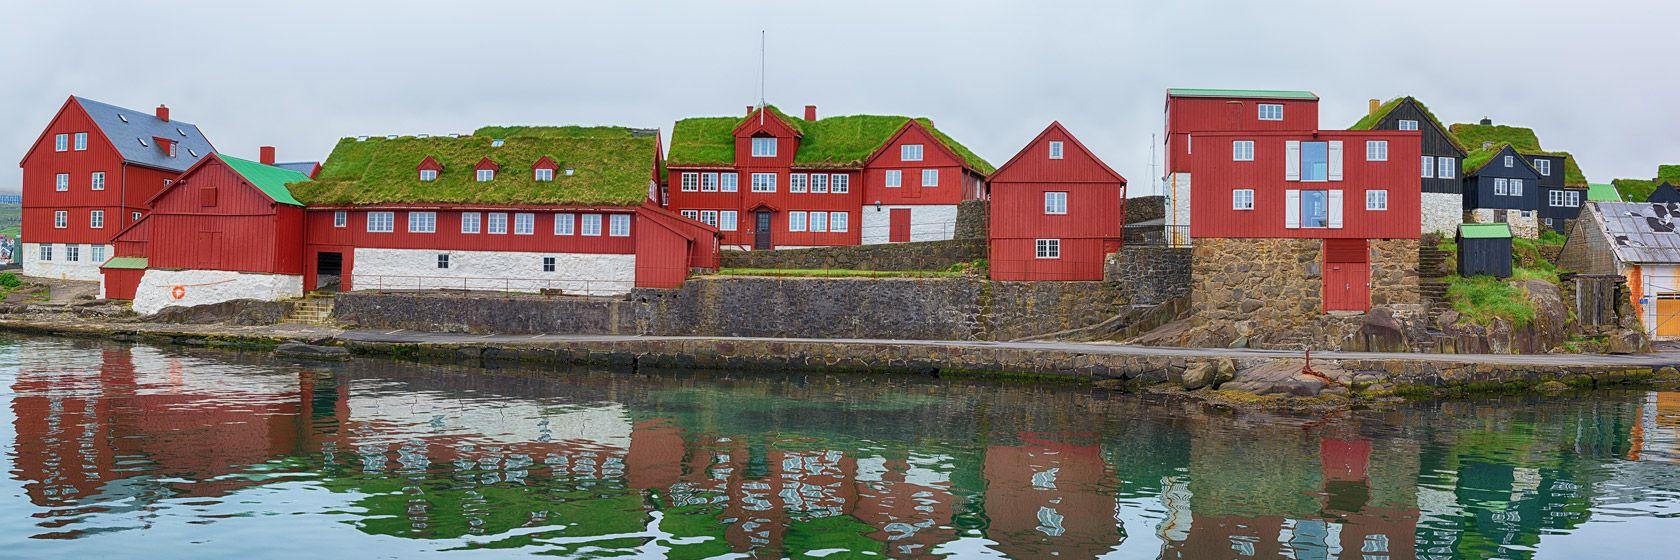 Tinganes i Tórshavn. Foto: Shutterstock